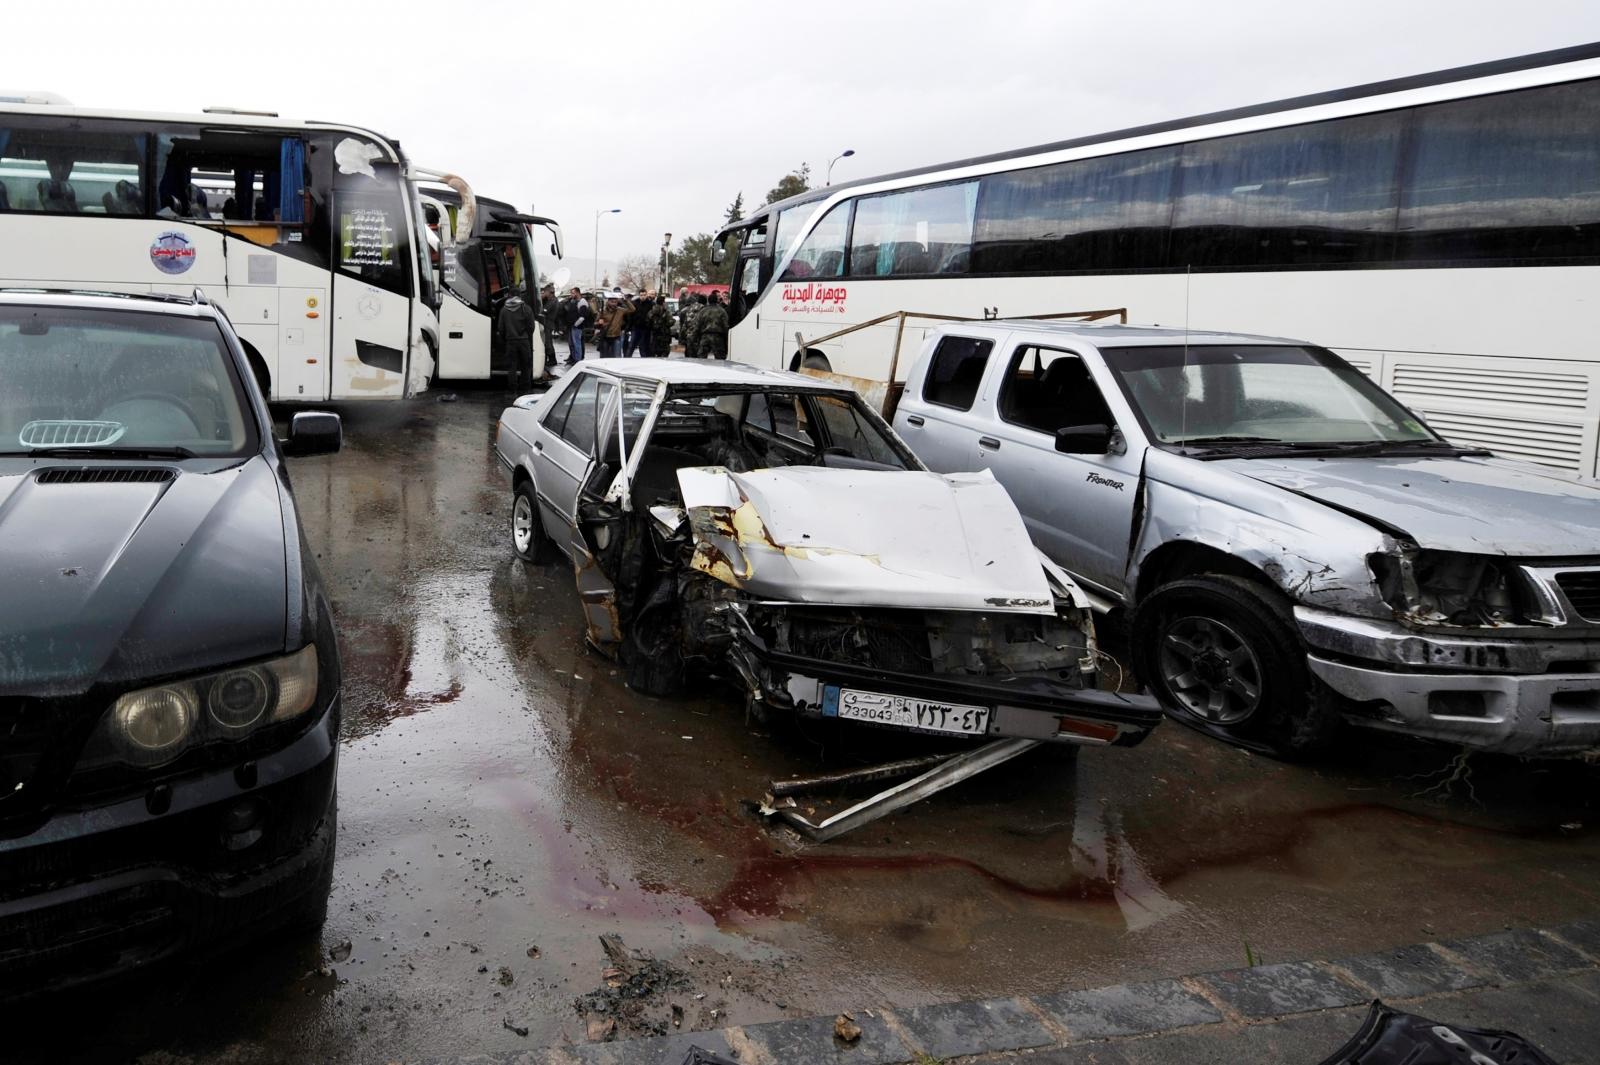 Damascus attack